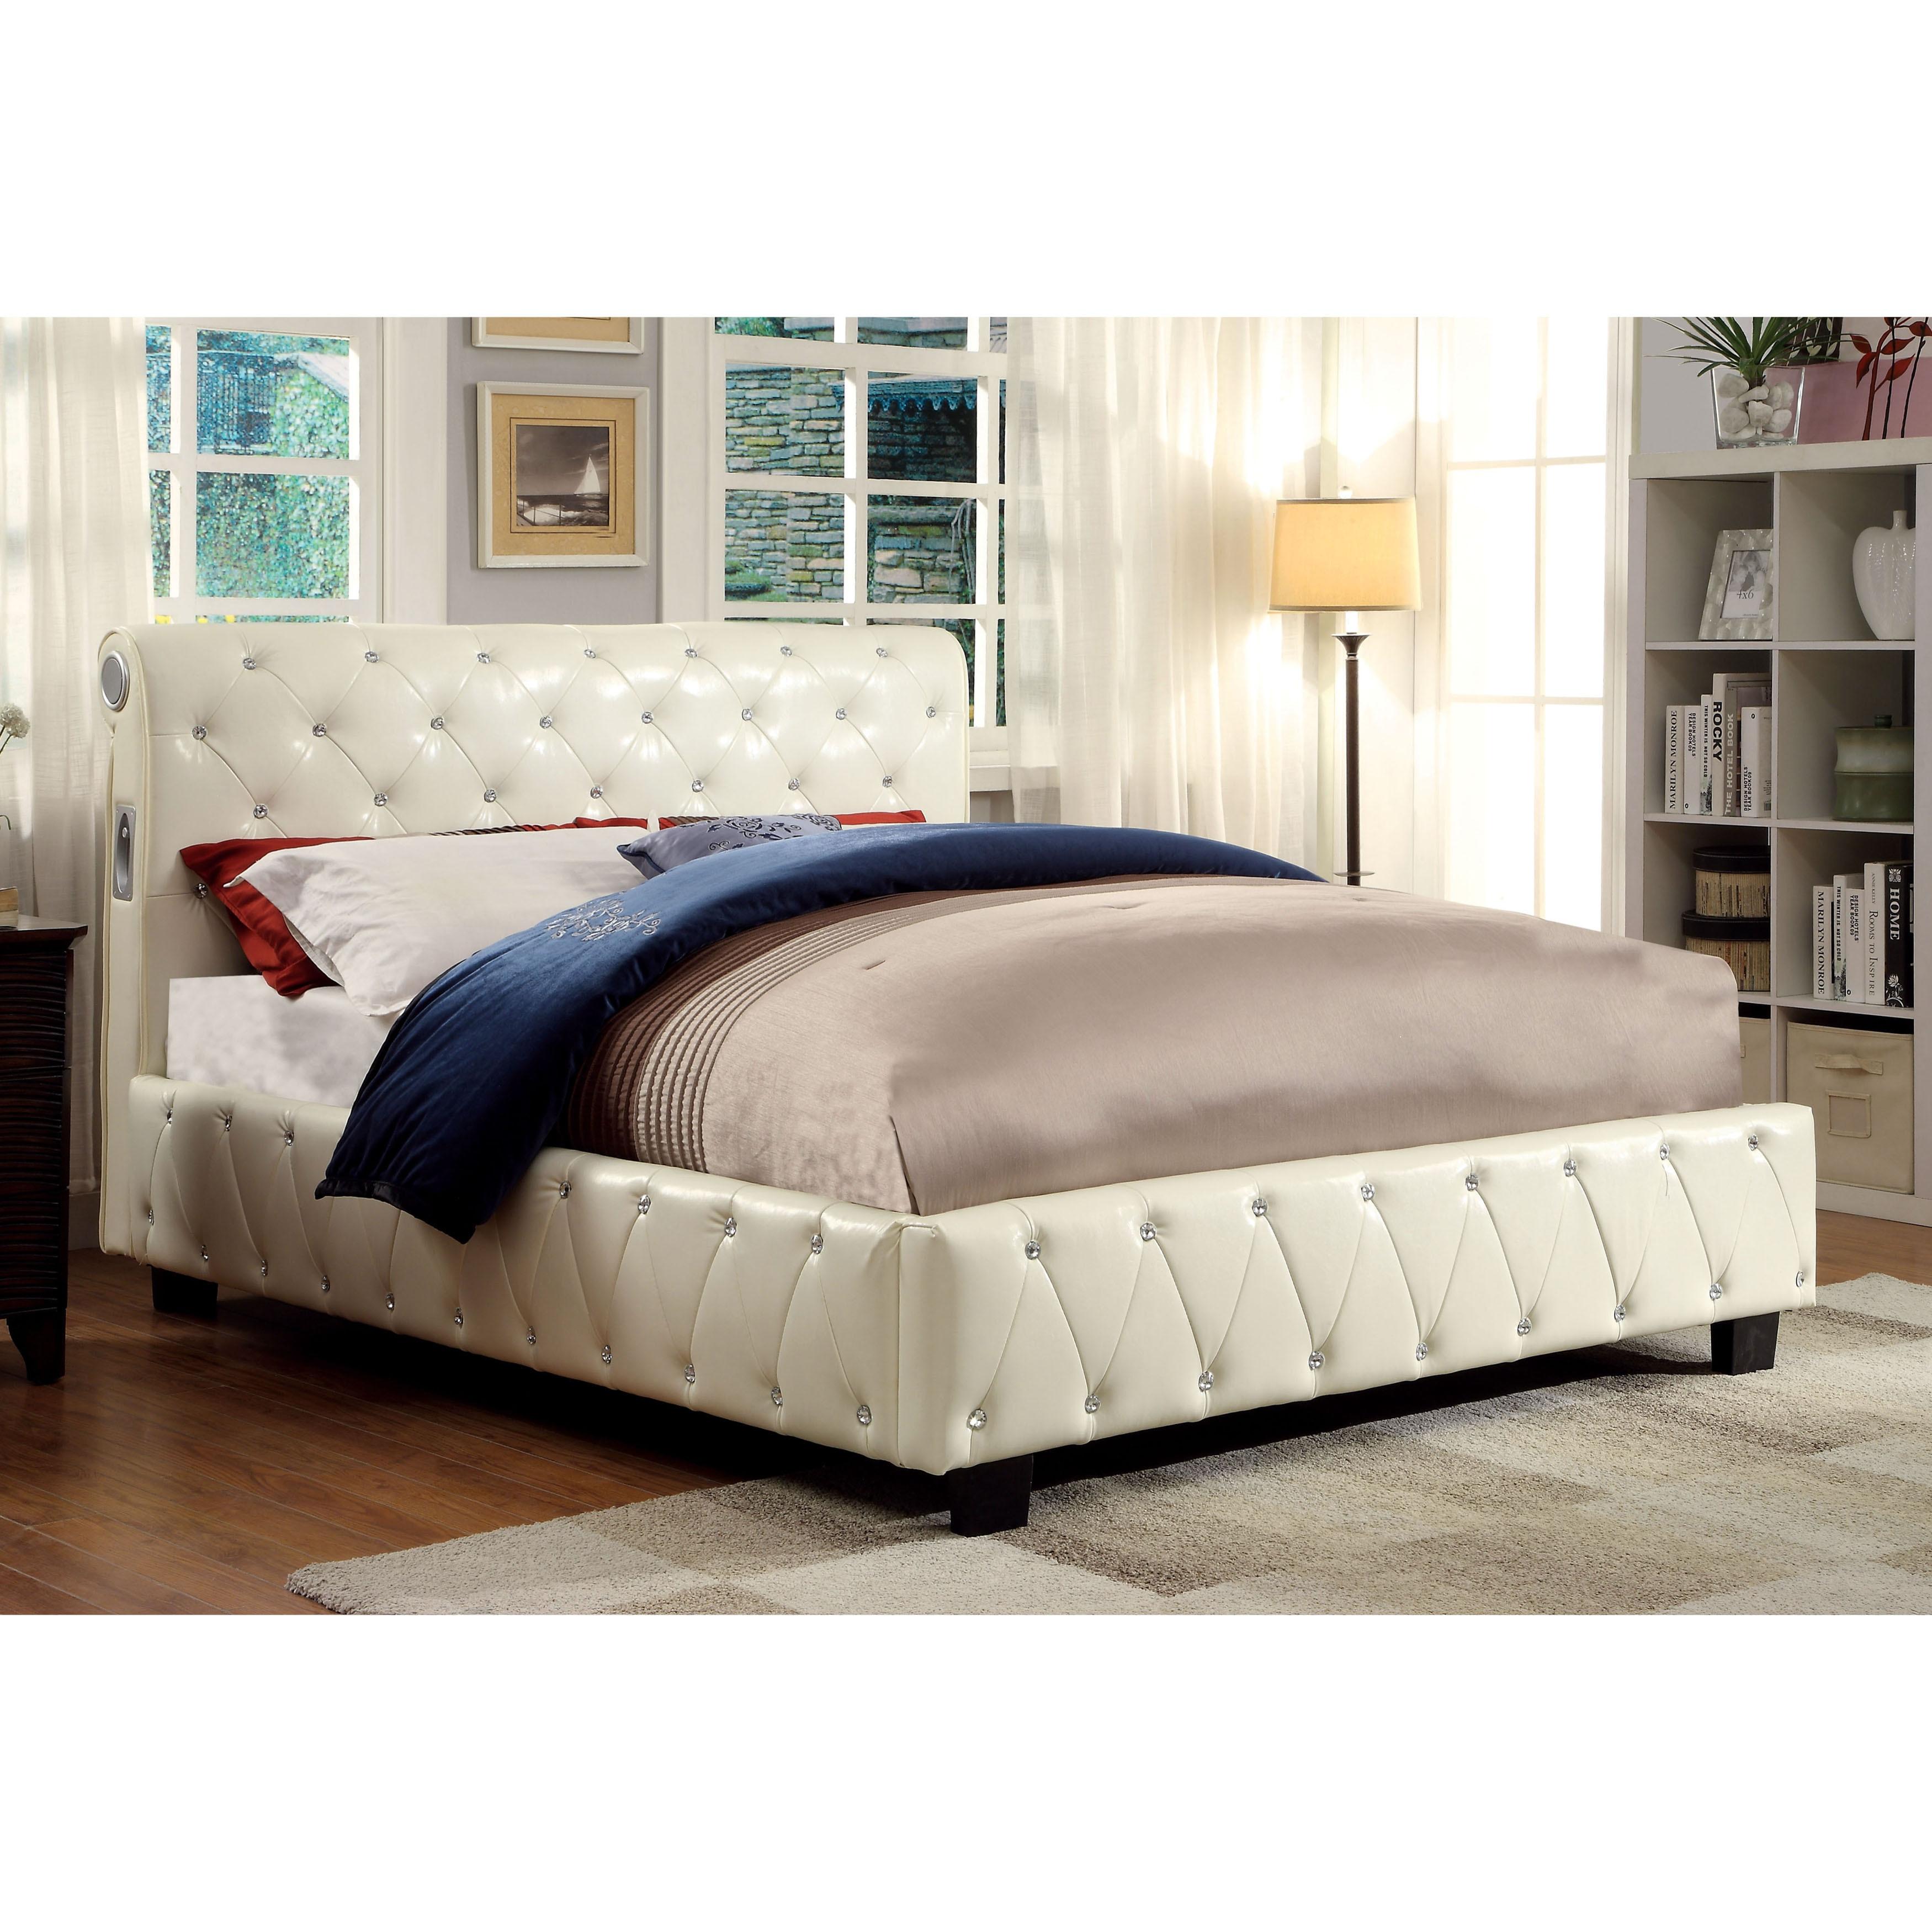 Shop Furniture of America Emmaline Ivory Leatherette Platform Bed ...